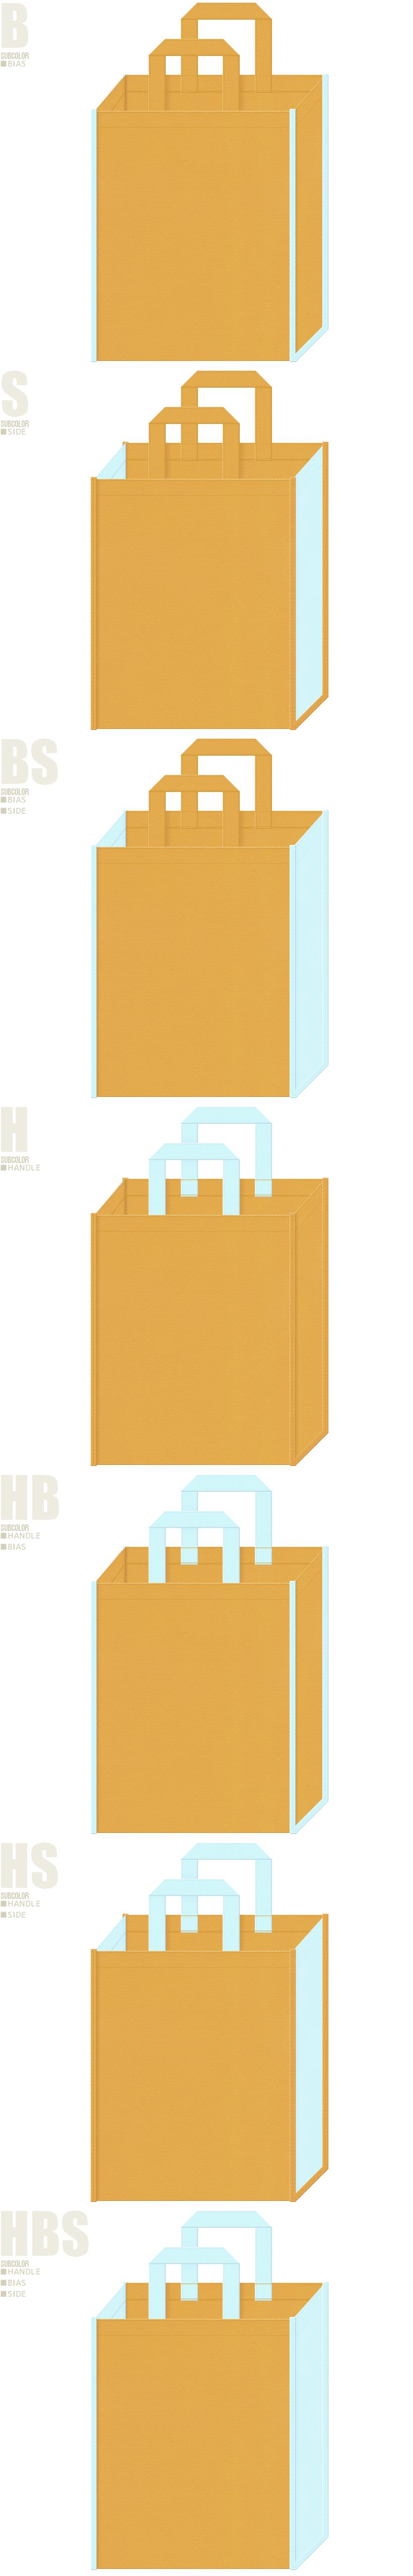 黄土色と水色、7パターンの不織布トートバッグ配色デザイン例。